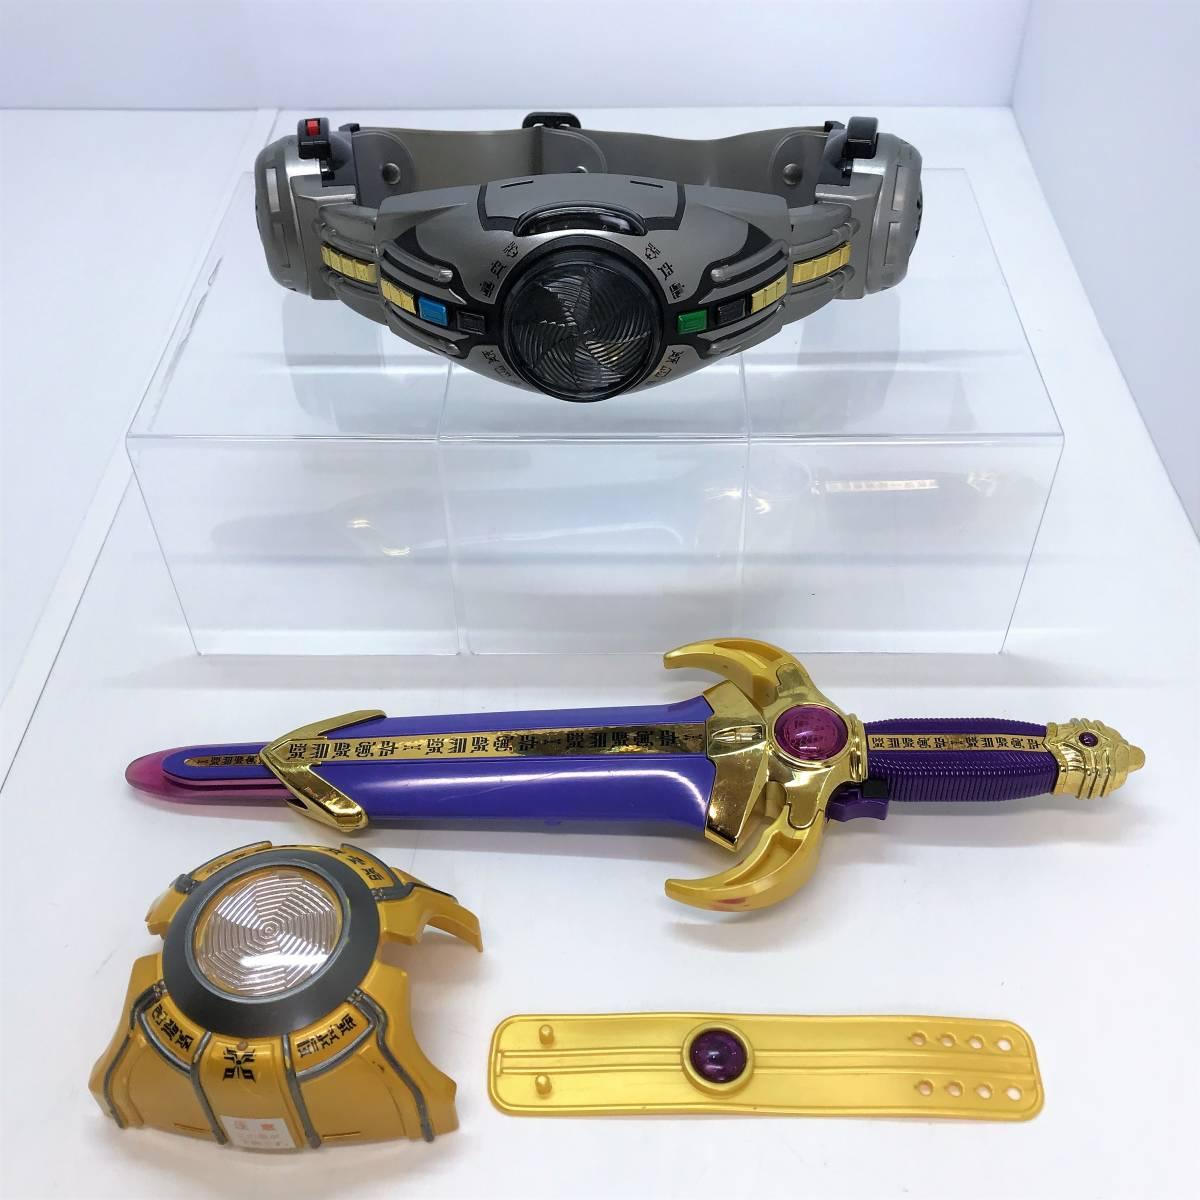 仮面ライダー クウガ DX 変身ベルト ソニックウェーブ アークル タイタンソード 当時物 なりきり 武器 まとめて 多数 大量 セット 出品中